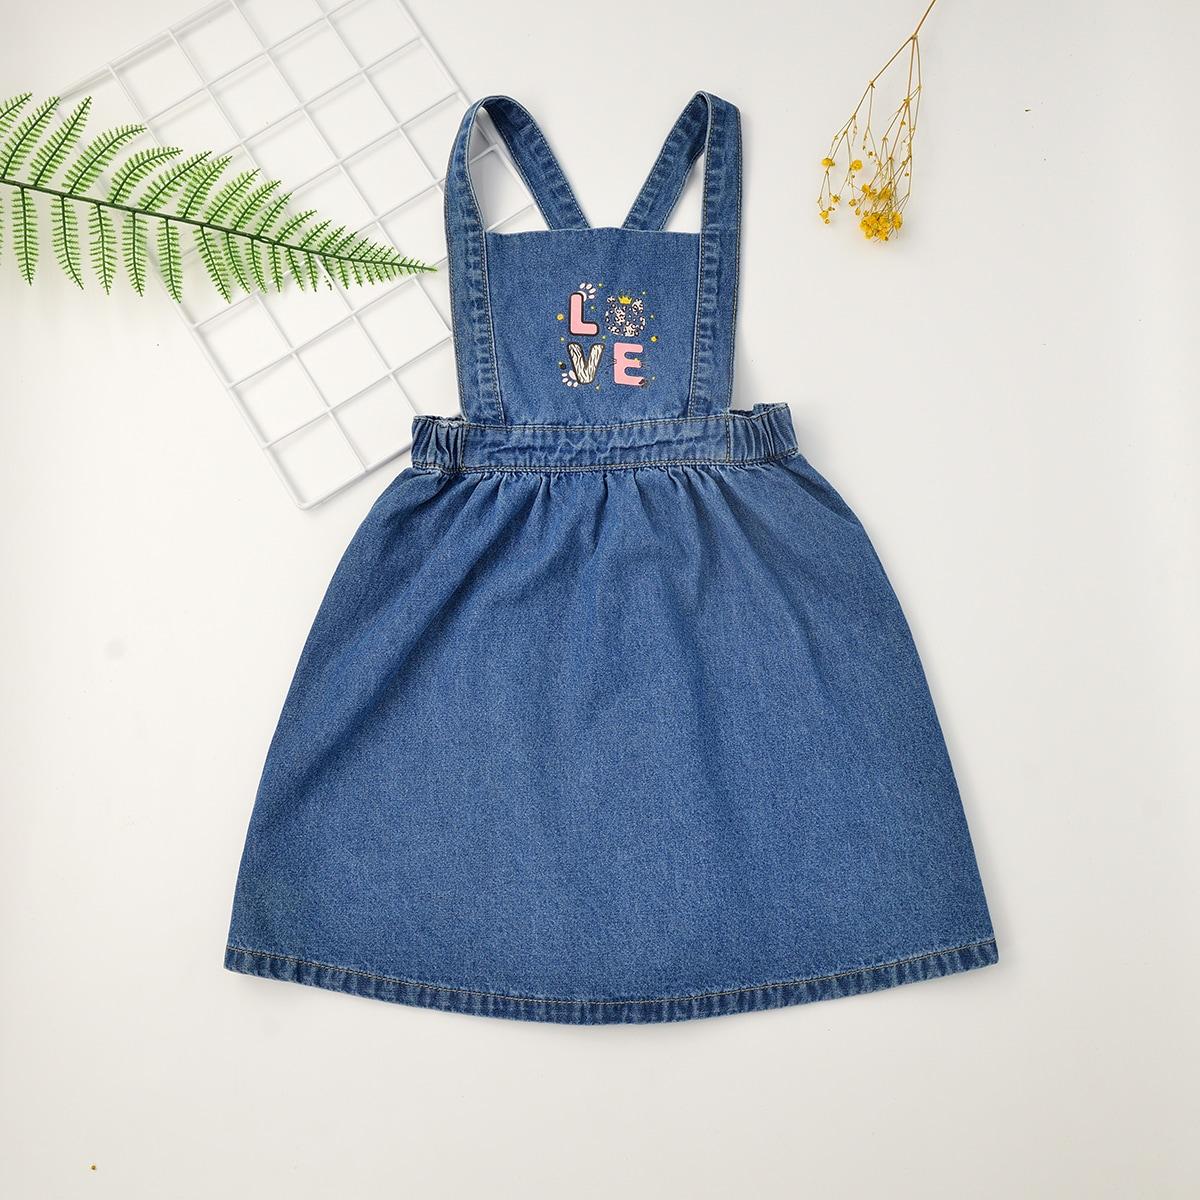 для девочек Джинсовое платье буква и с мультипликационным узором сарафан SheIn skdress25210422315